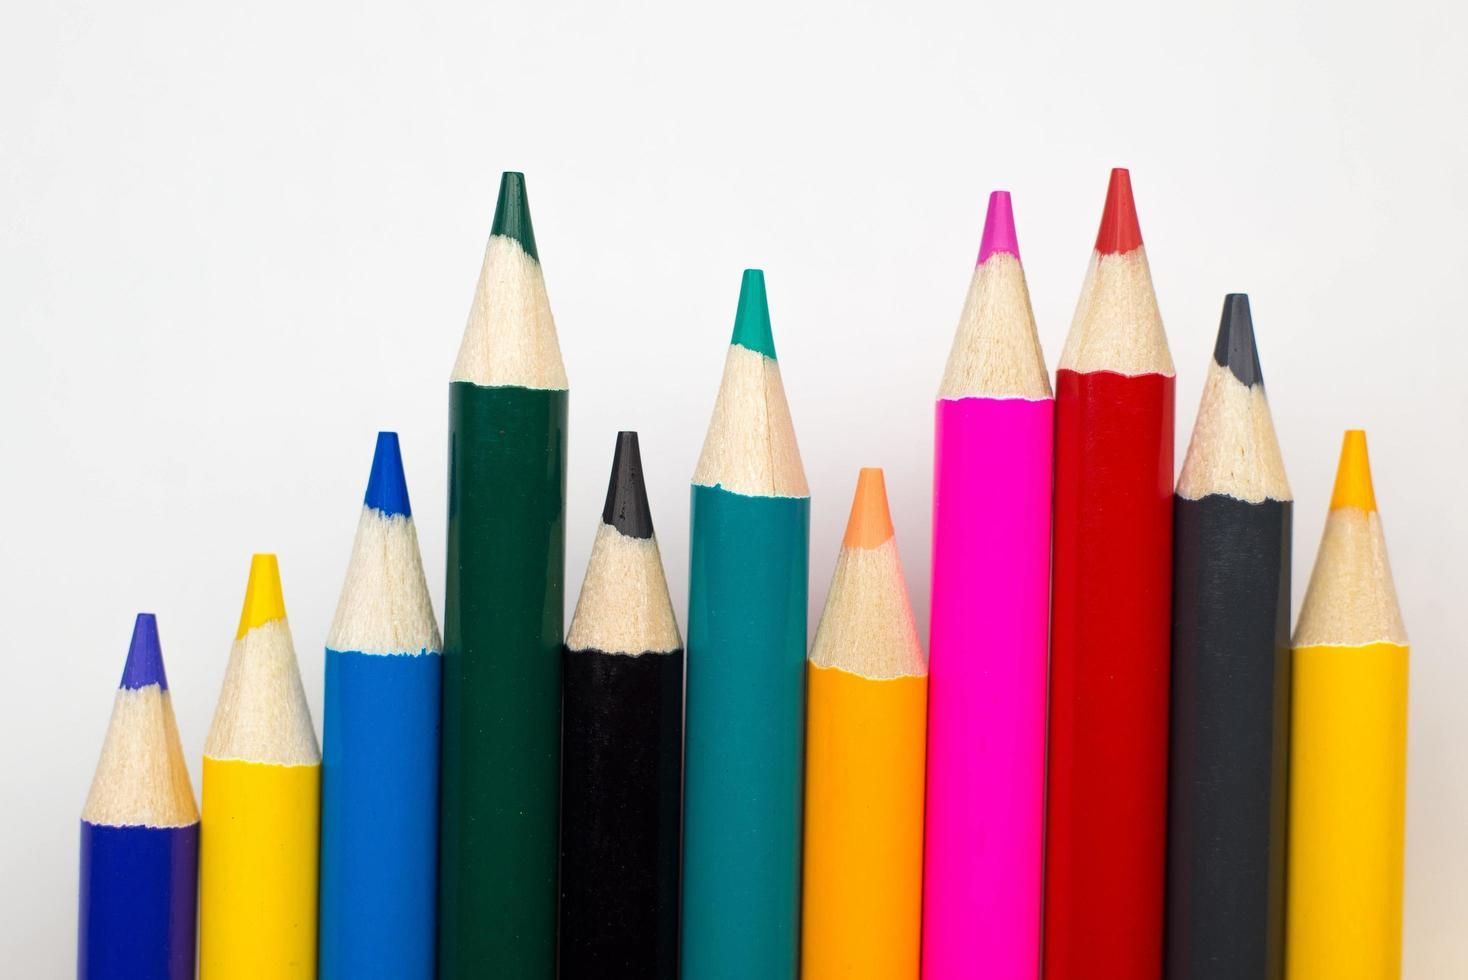 färgpennor med ordnade punkter foto